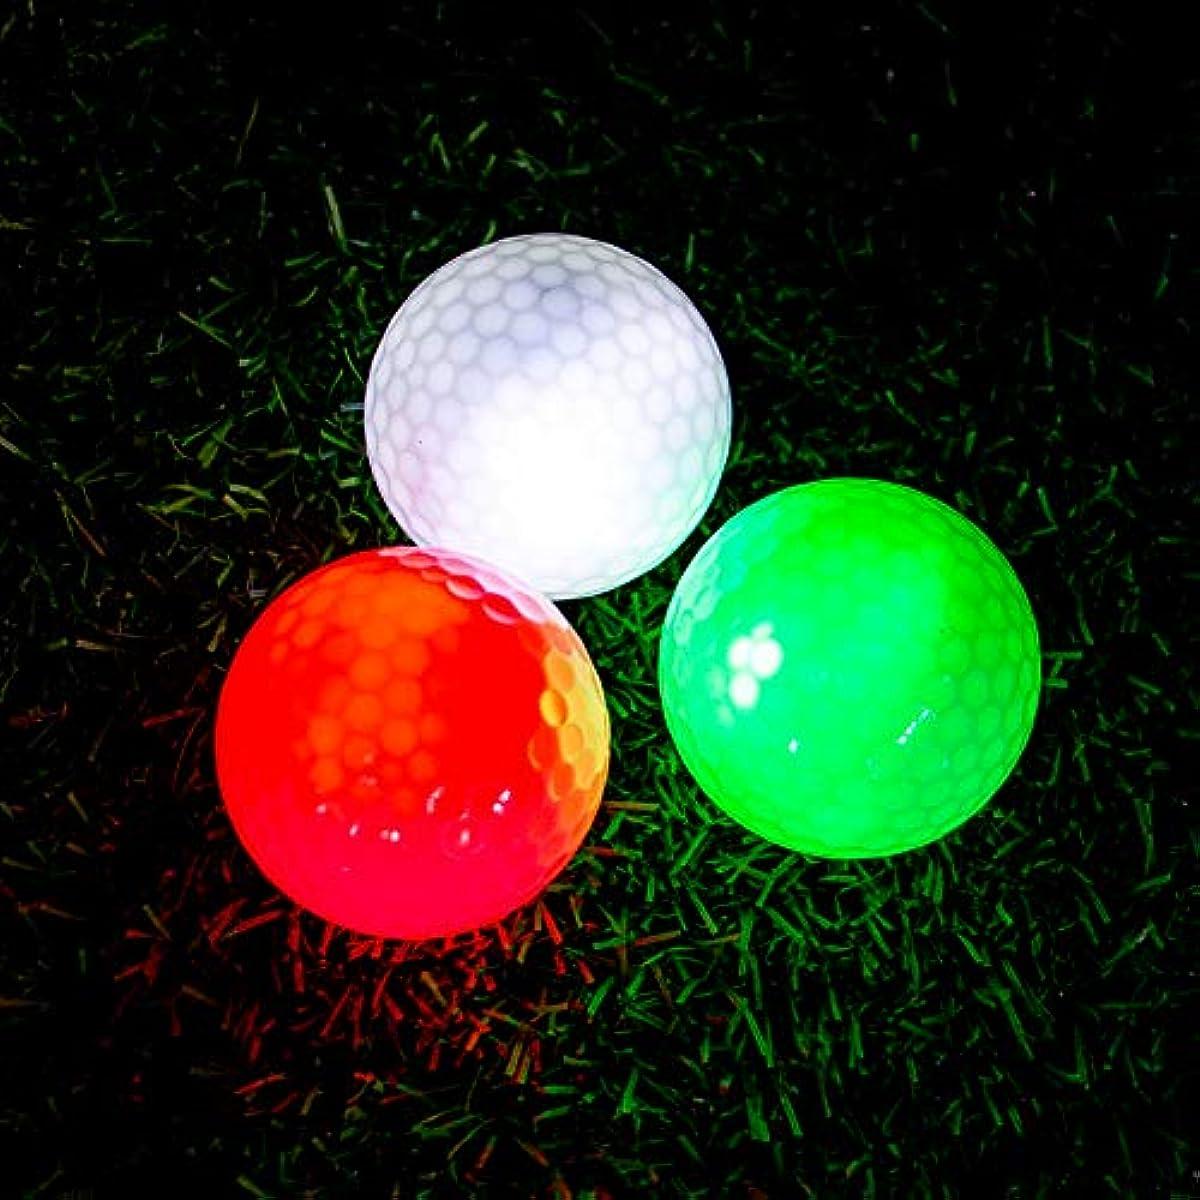 [해외] 빛난 골프 볼 업LED라이트 - 다크 long last 슈퍼 블라이트 나이트 골프 볼 6 색선택가 LED발광